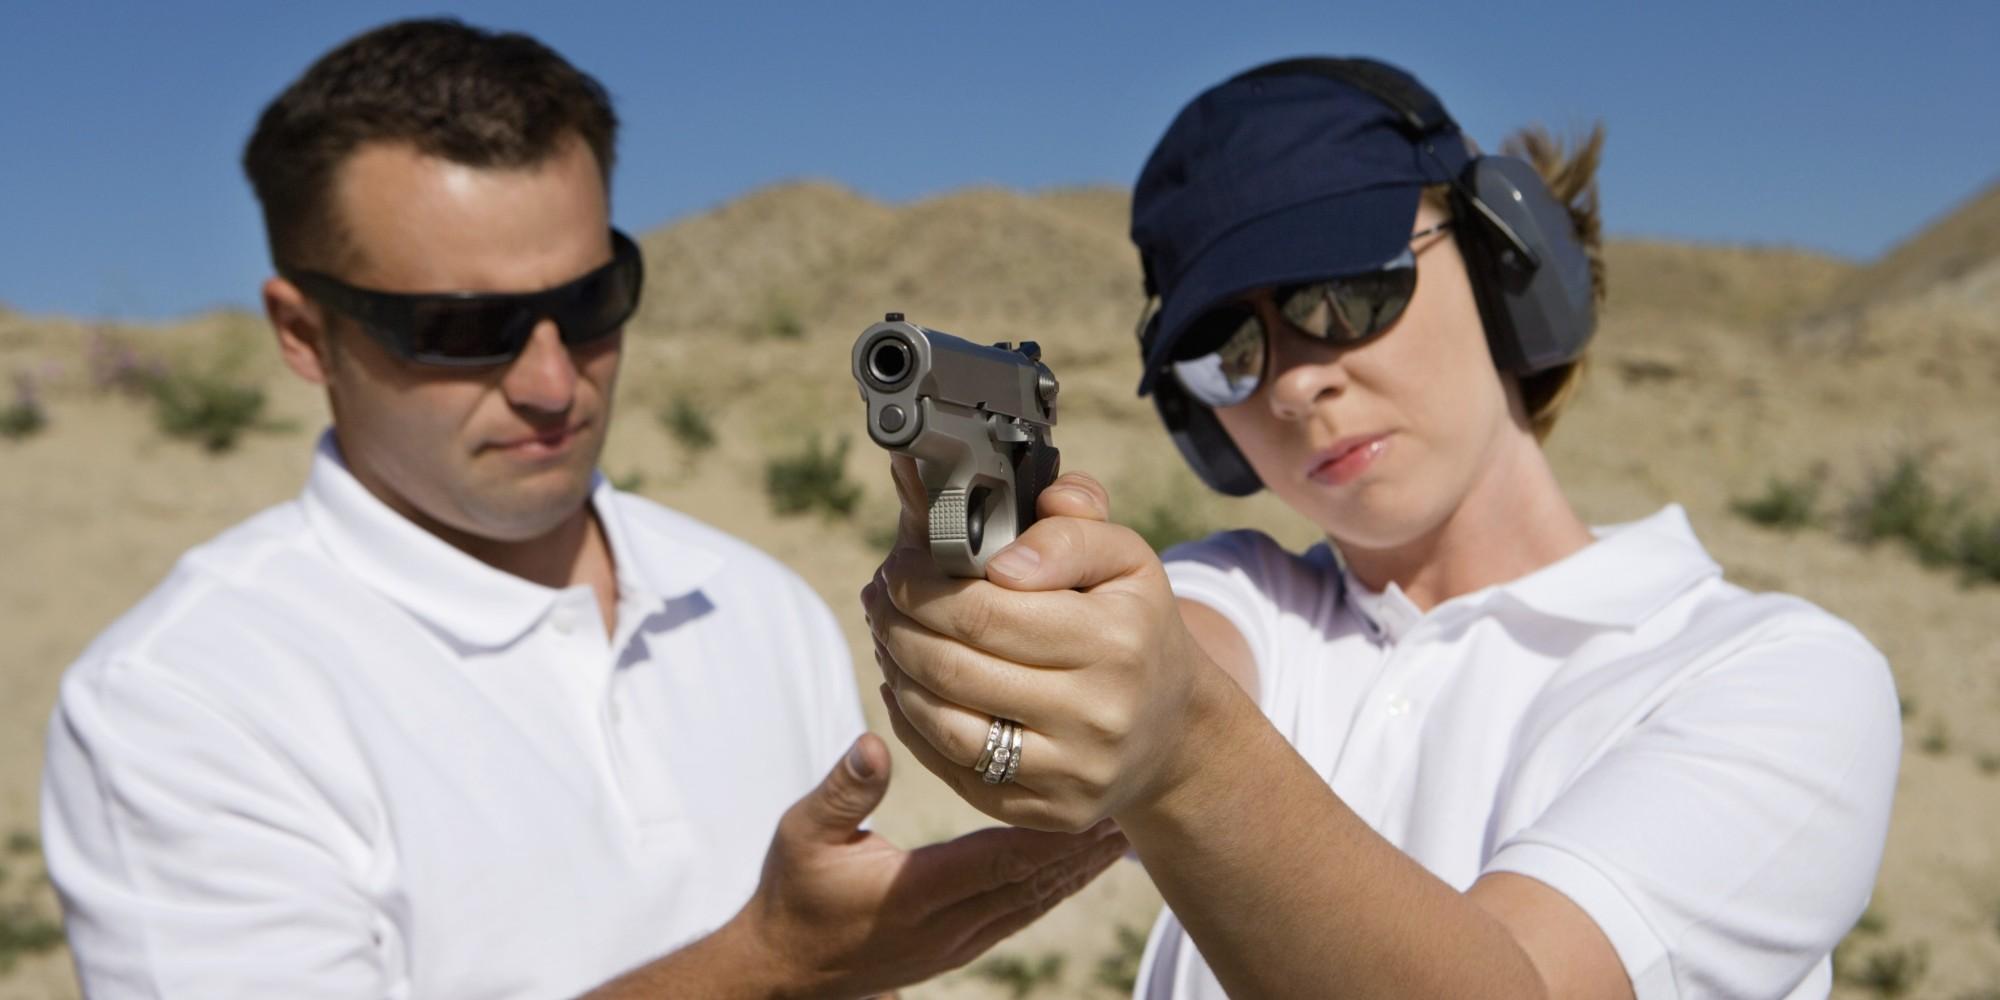 Обучение стрелковому делу